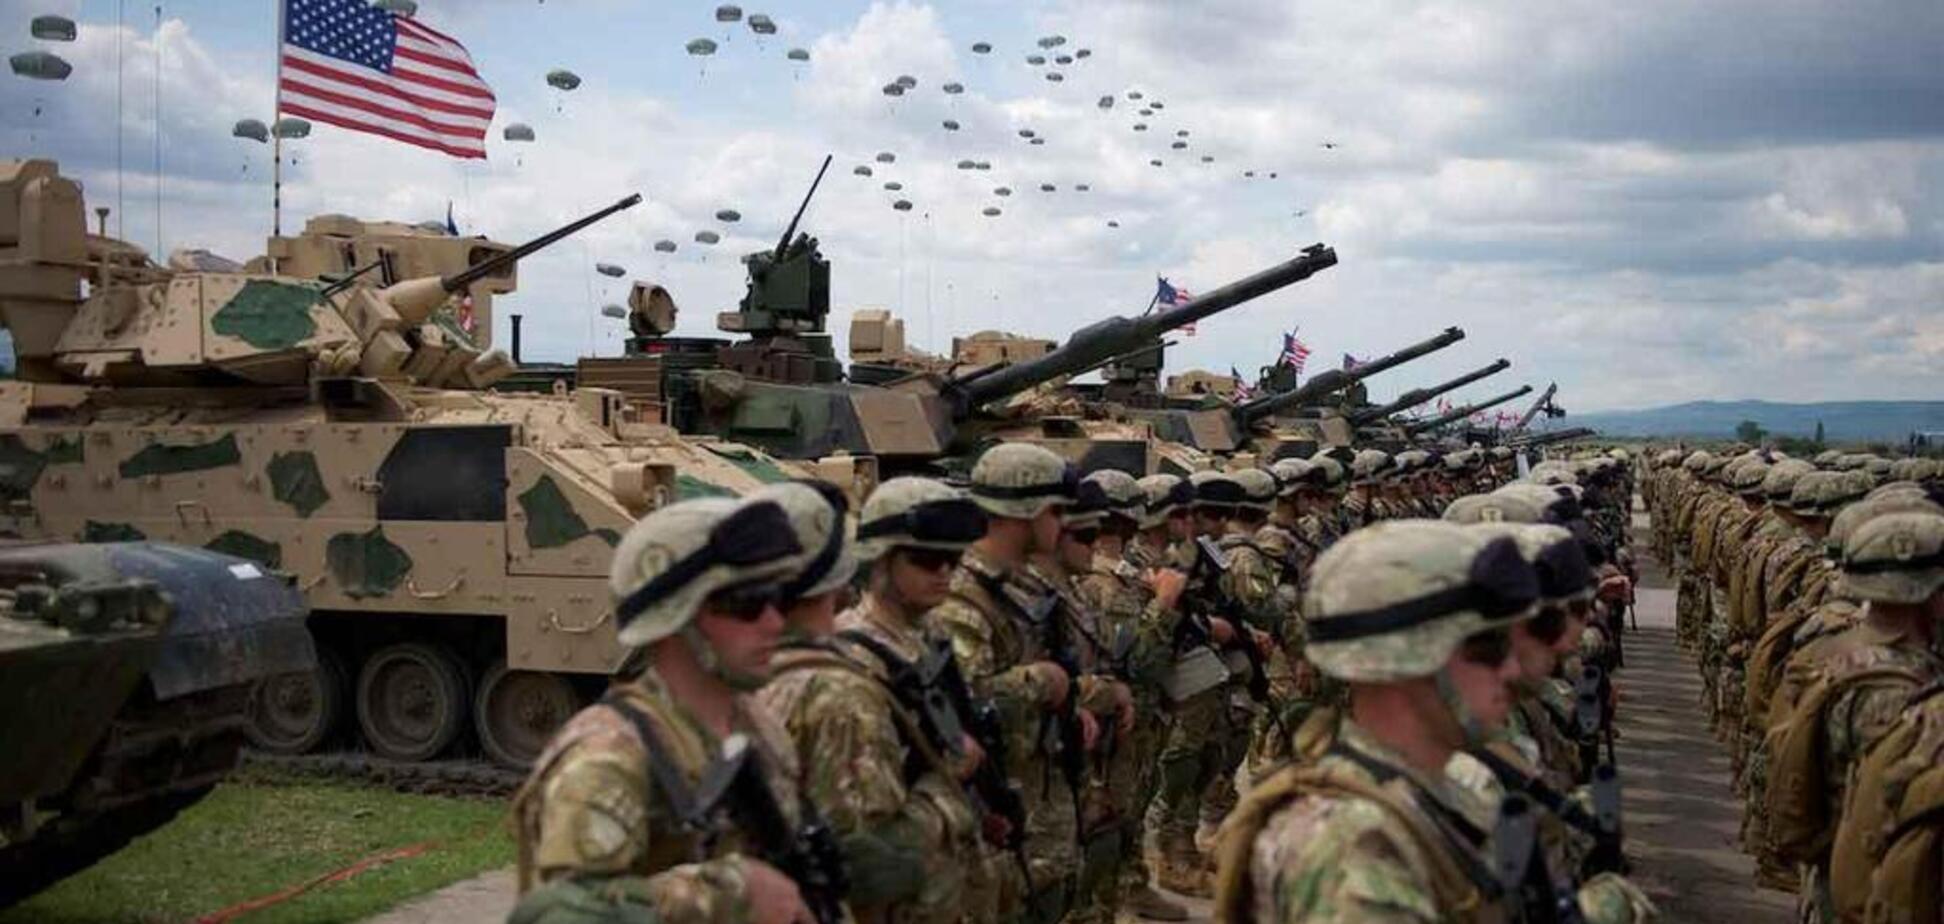 США и Россия столкнутся в бою? Названо потенциальное место начала войны